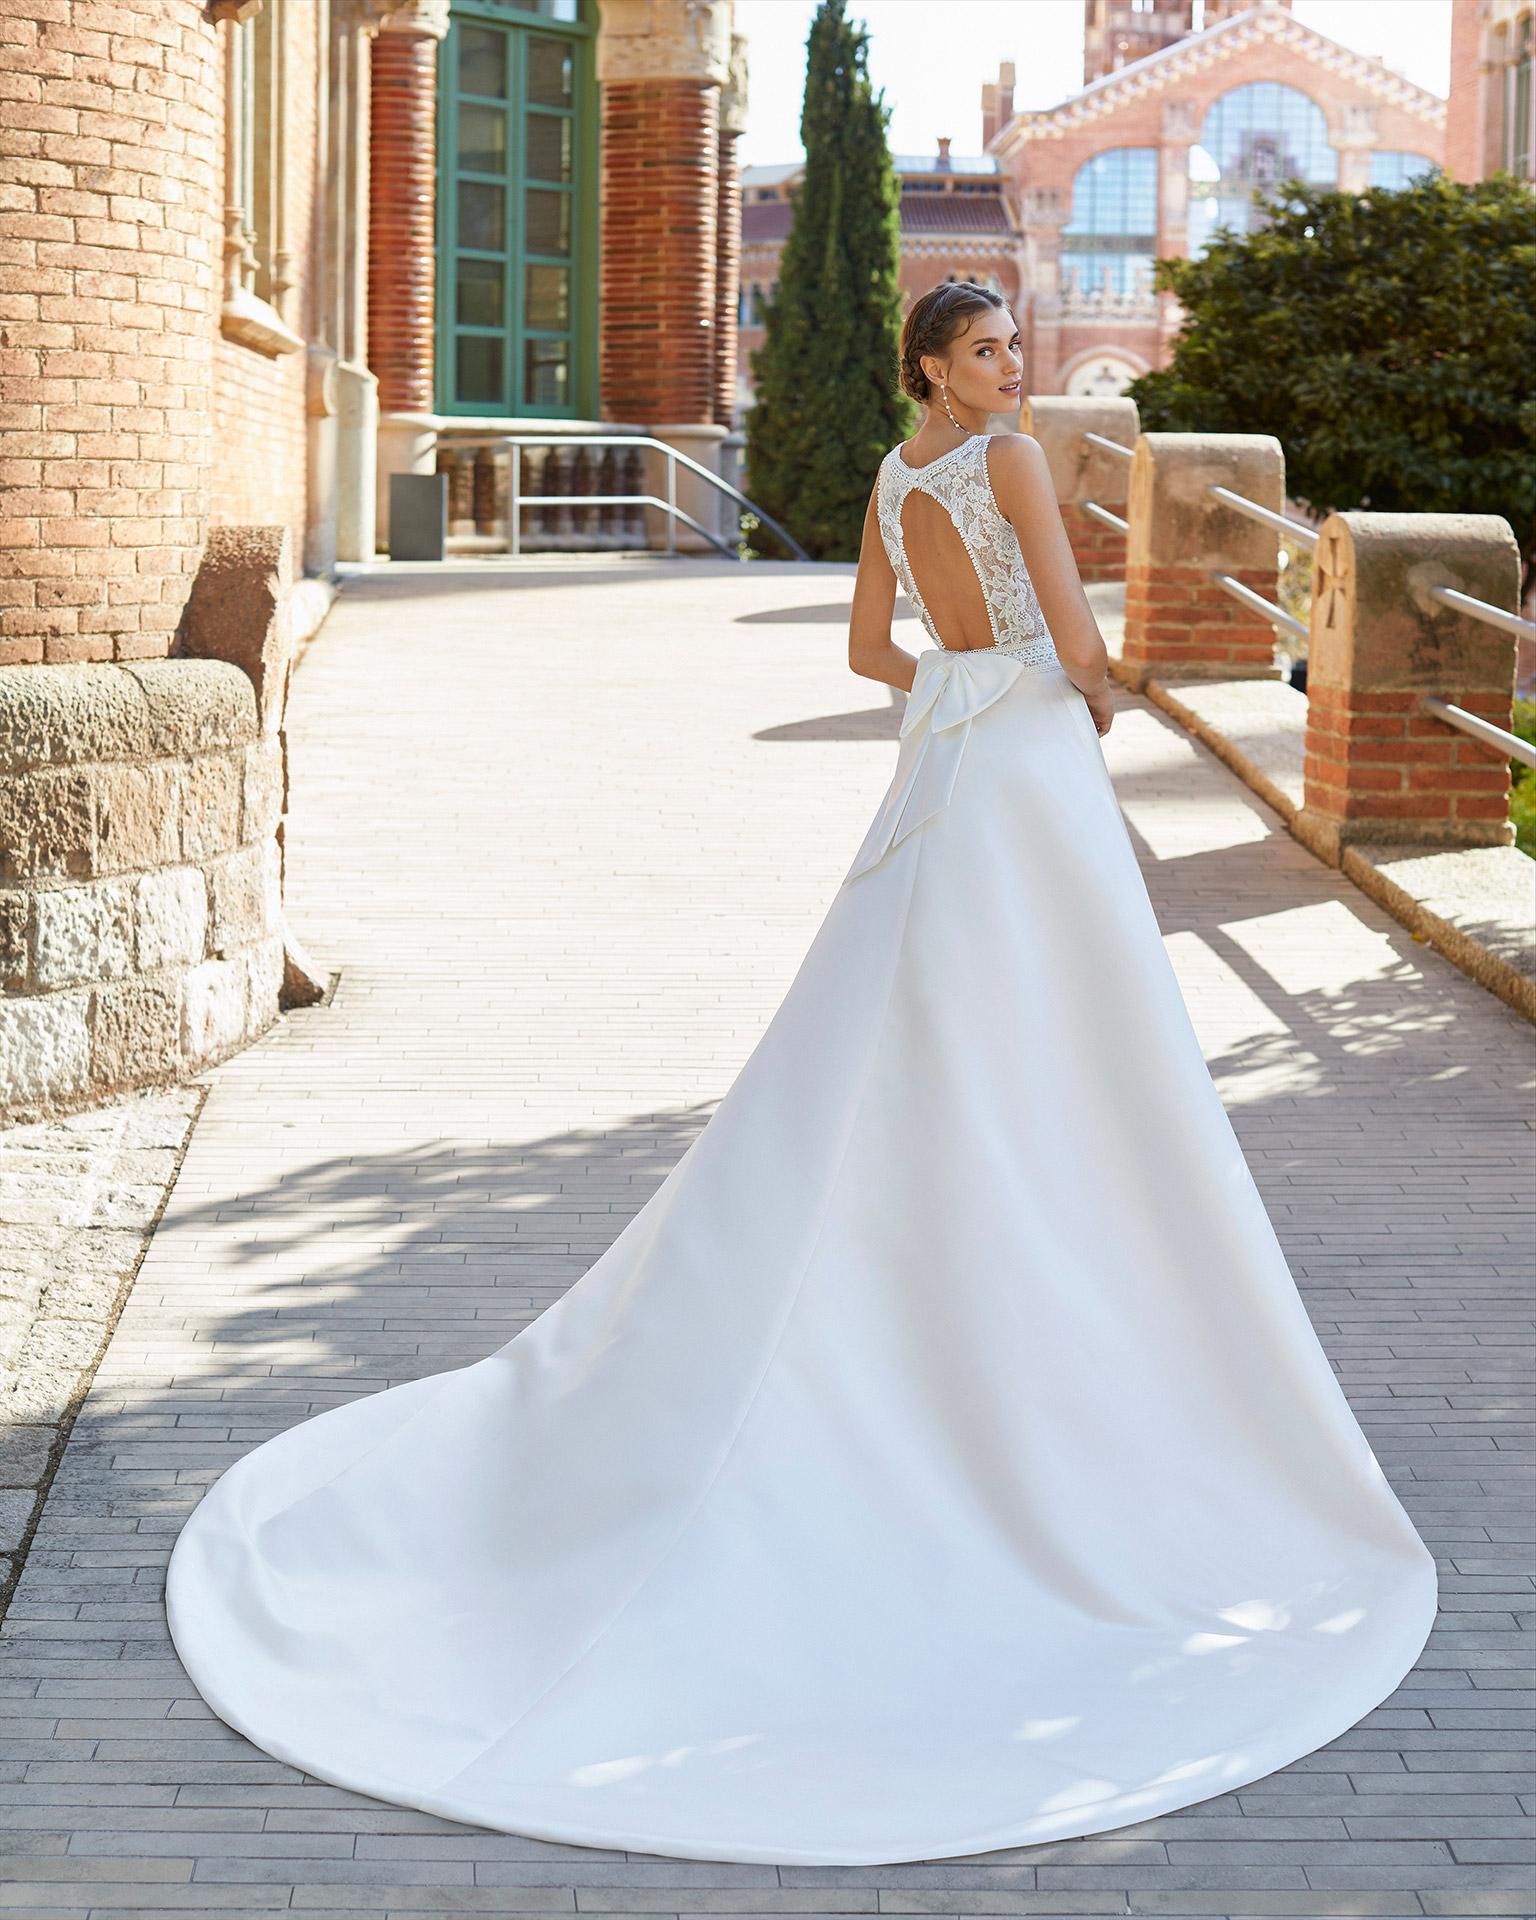 Vestido de novia estilo clásico de raso, encaje y pedrería en cintura y escote. Escote redondo y espalda escotada con lazo. Colección  2021.